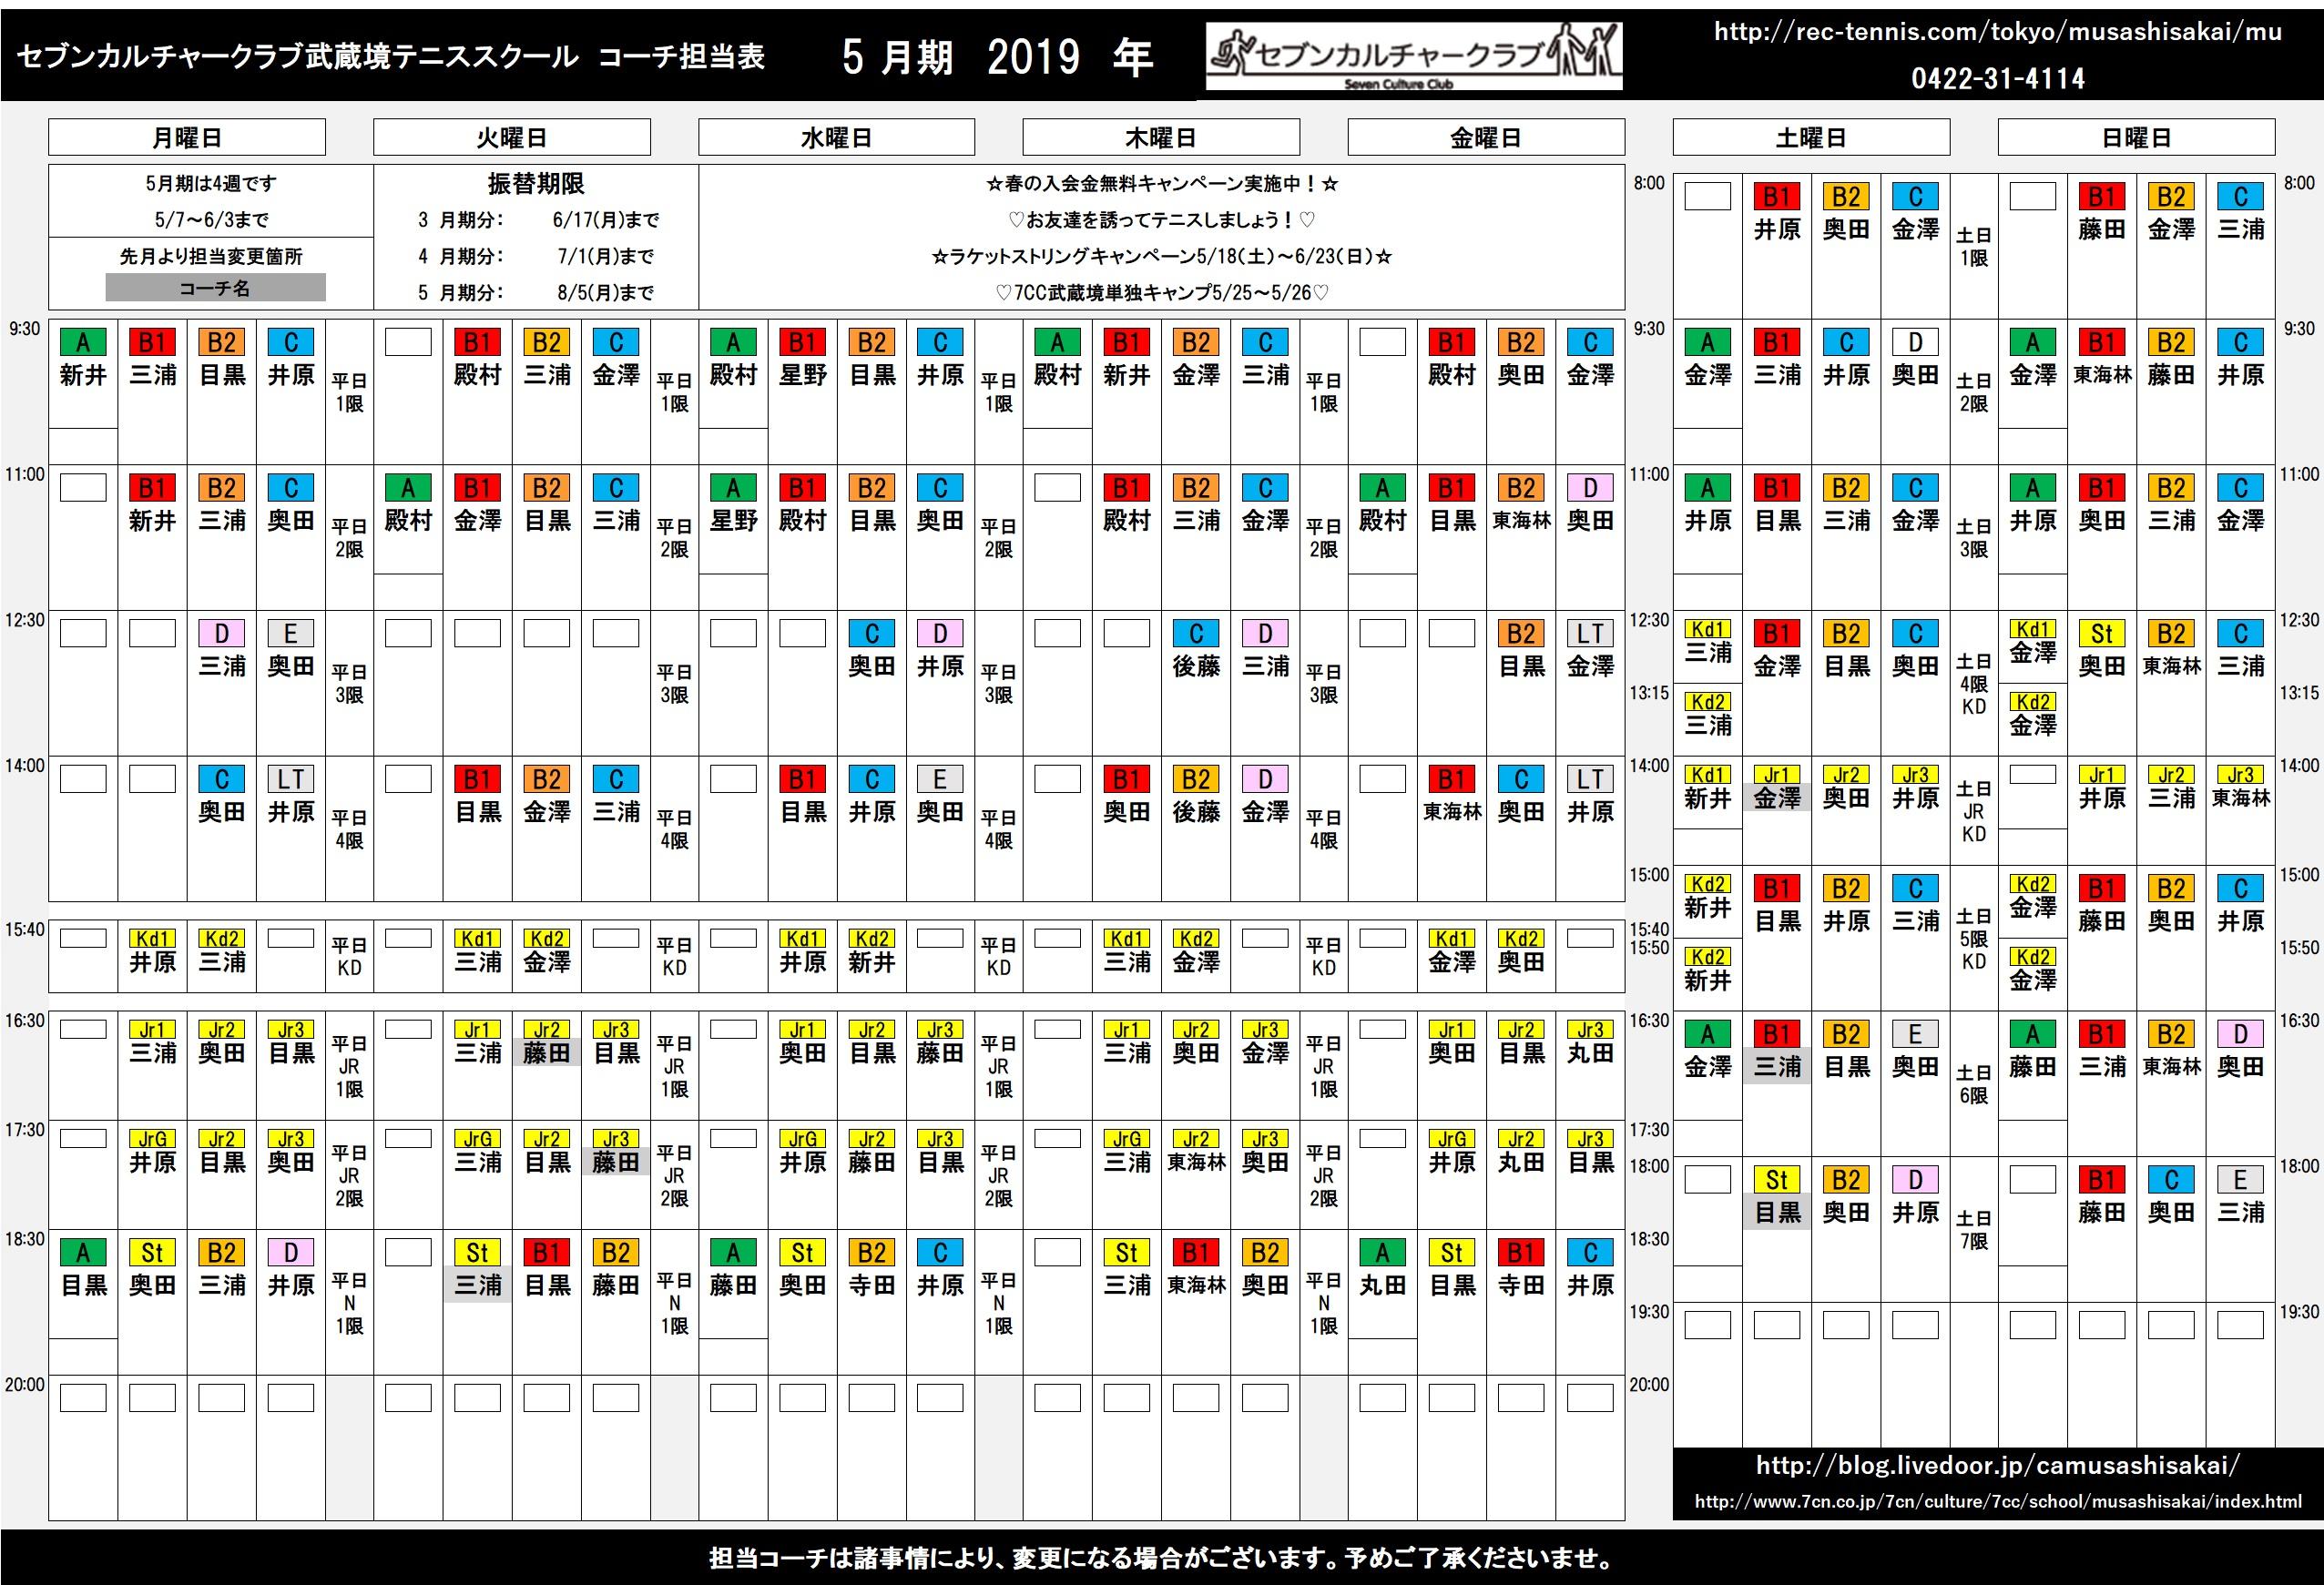 コーチ担当表5月(色つき)